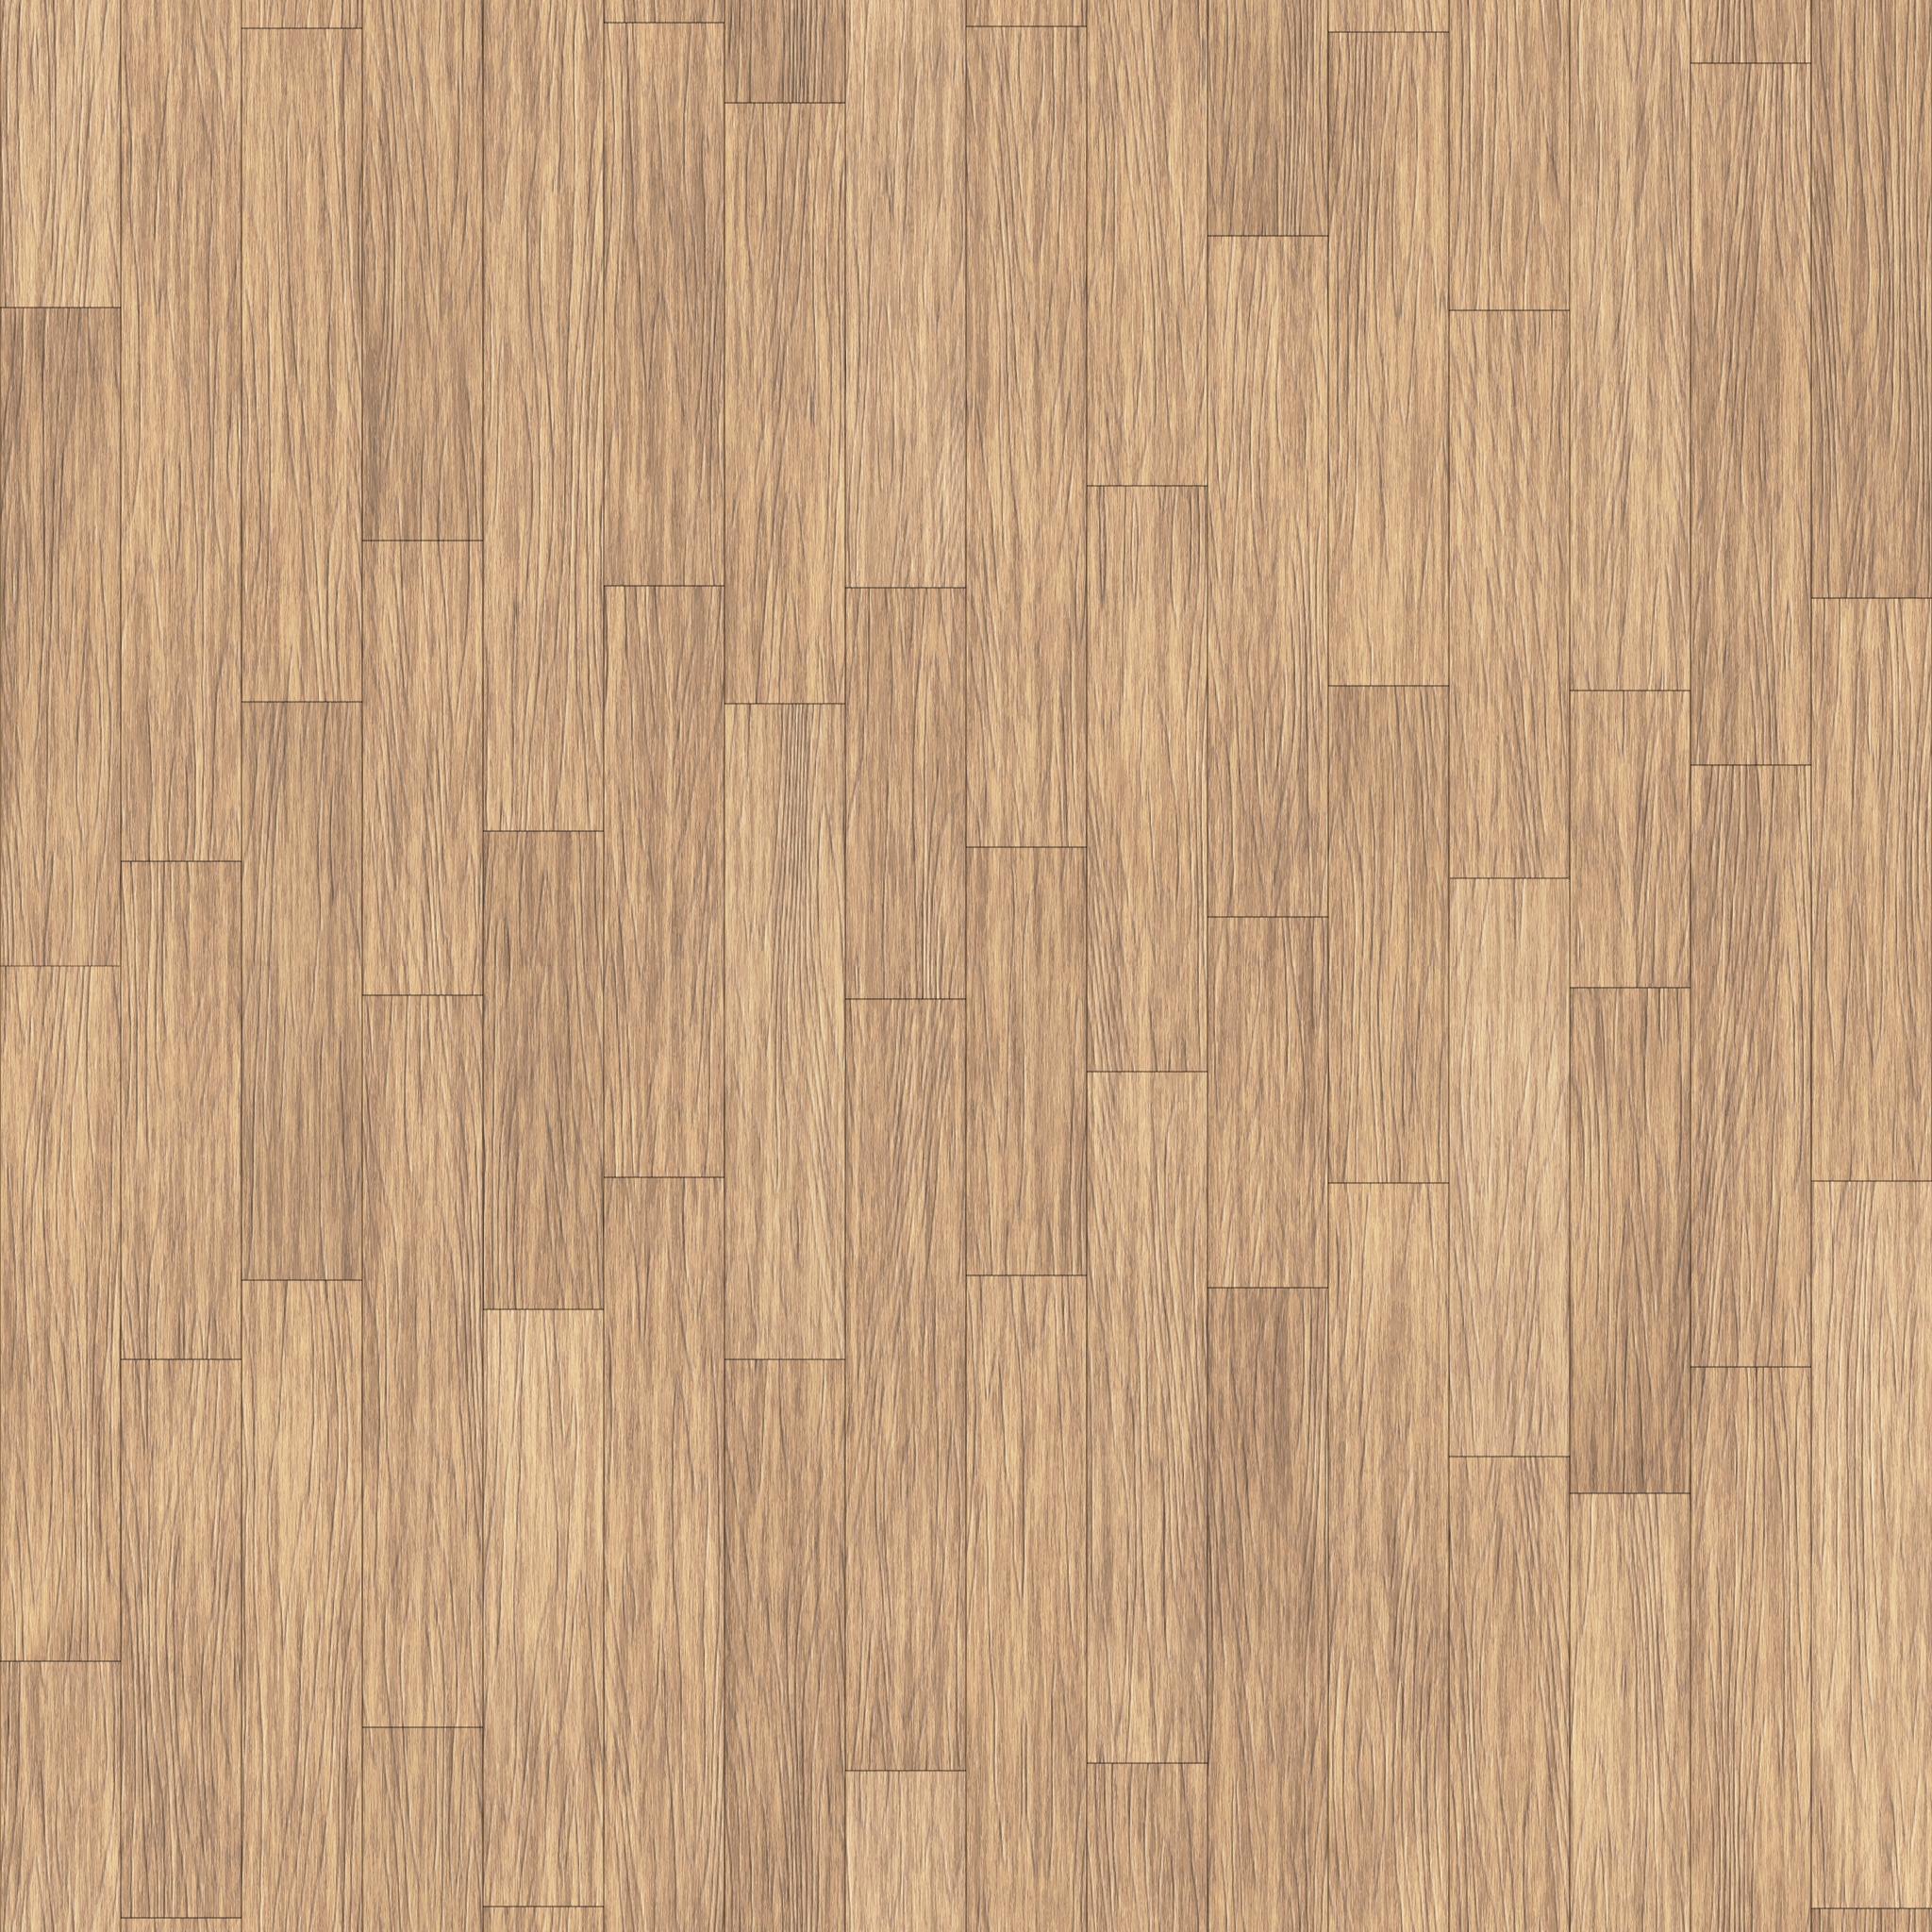 Bright Wooden Floor Texture [Tileable | 2048x2048]